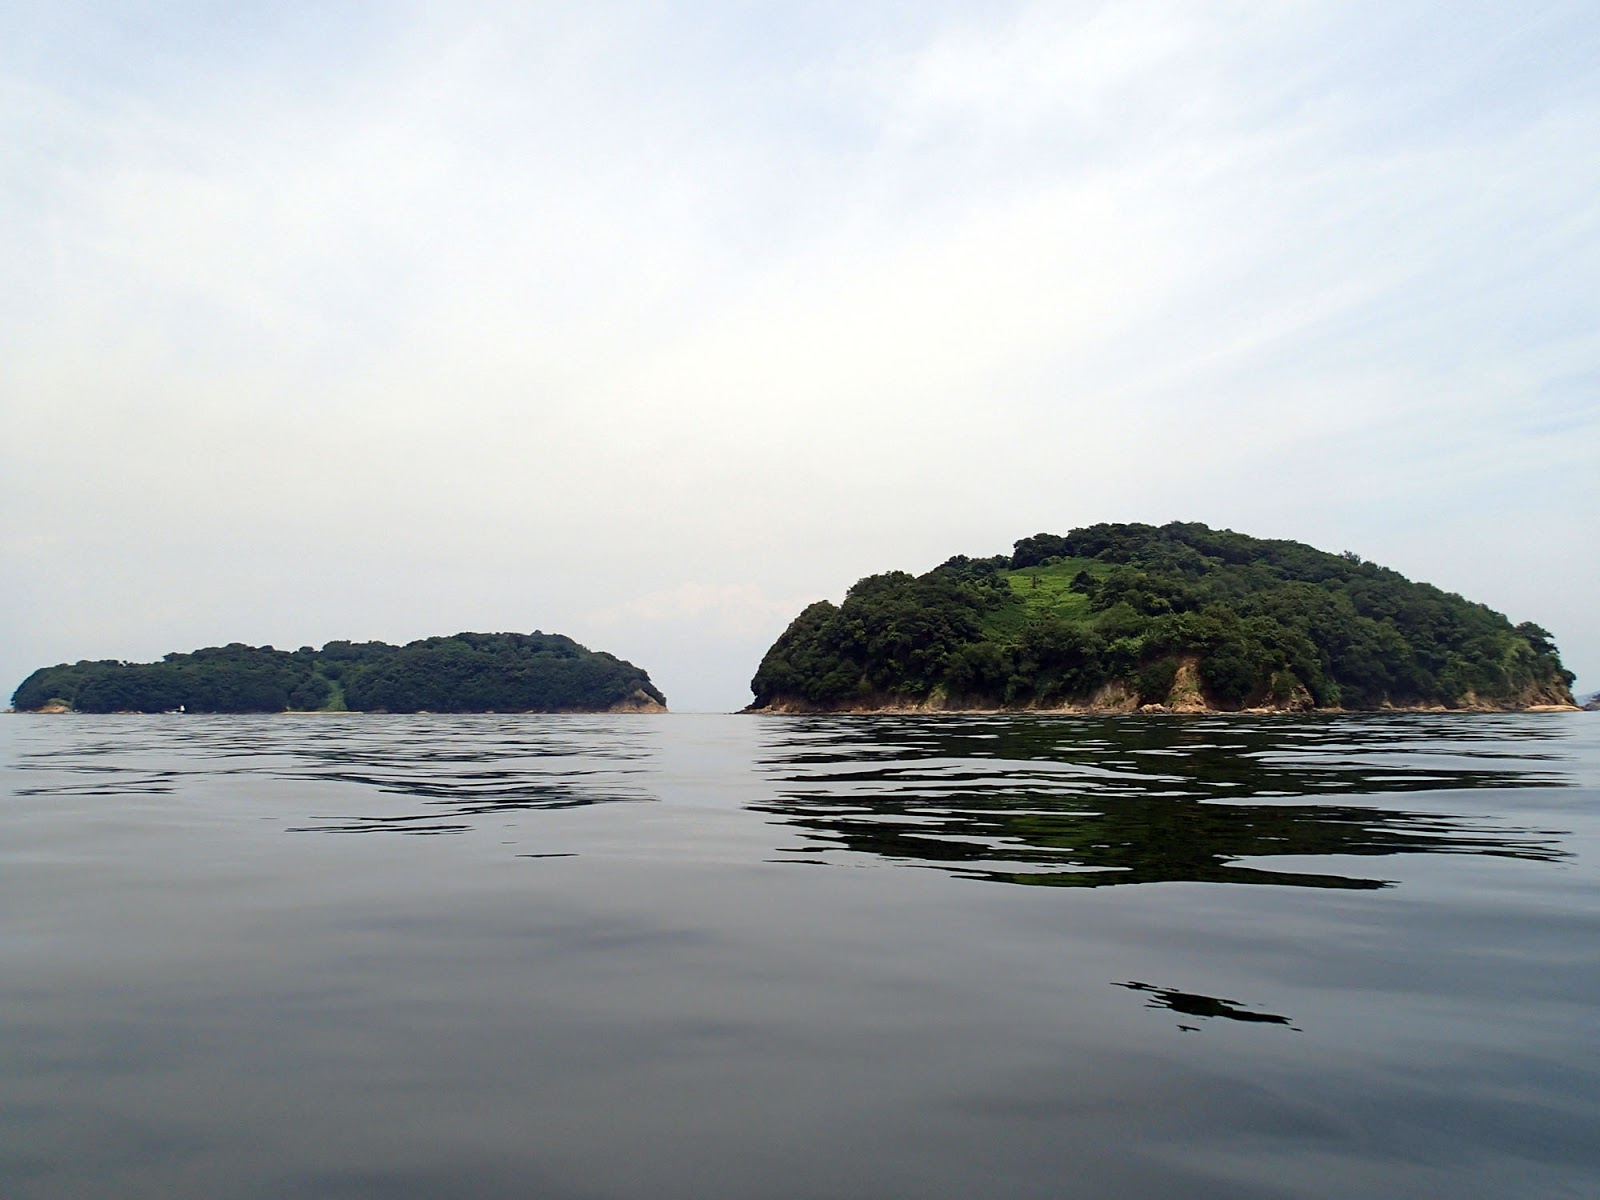 シーカヤック 瀬戸內水軍 SeaKayak: 真鍋島にシーカヤック・ソロ ...